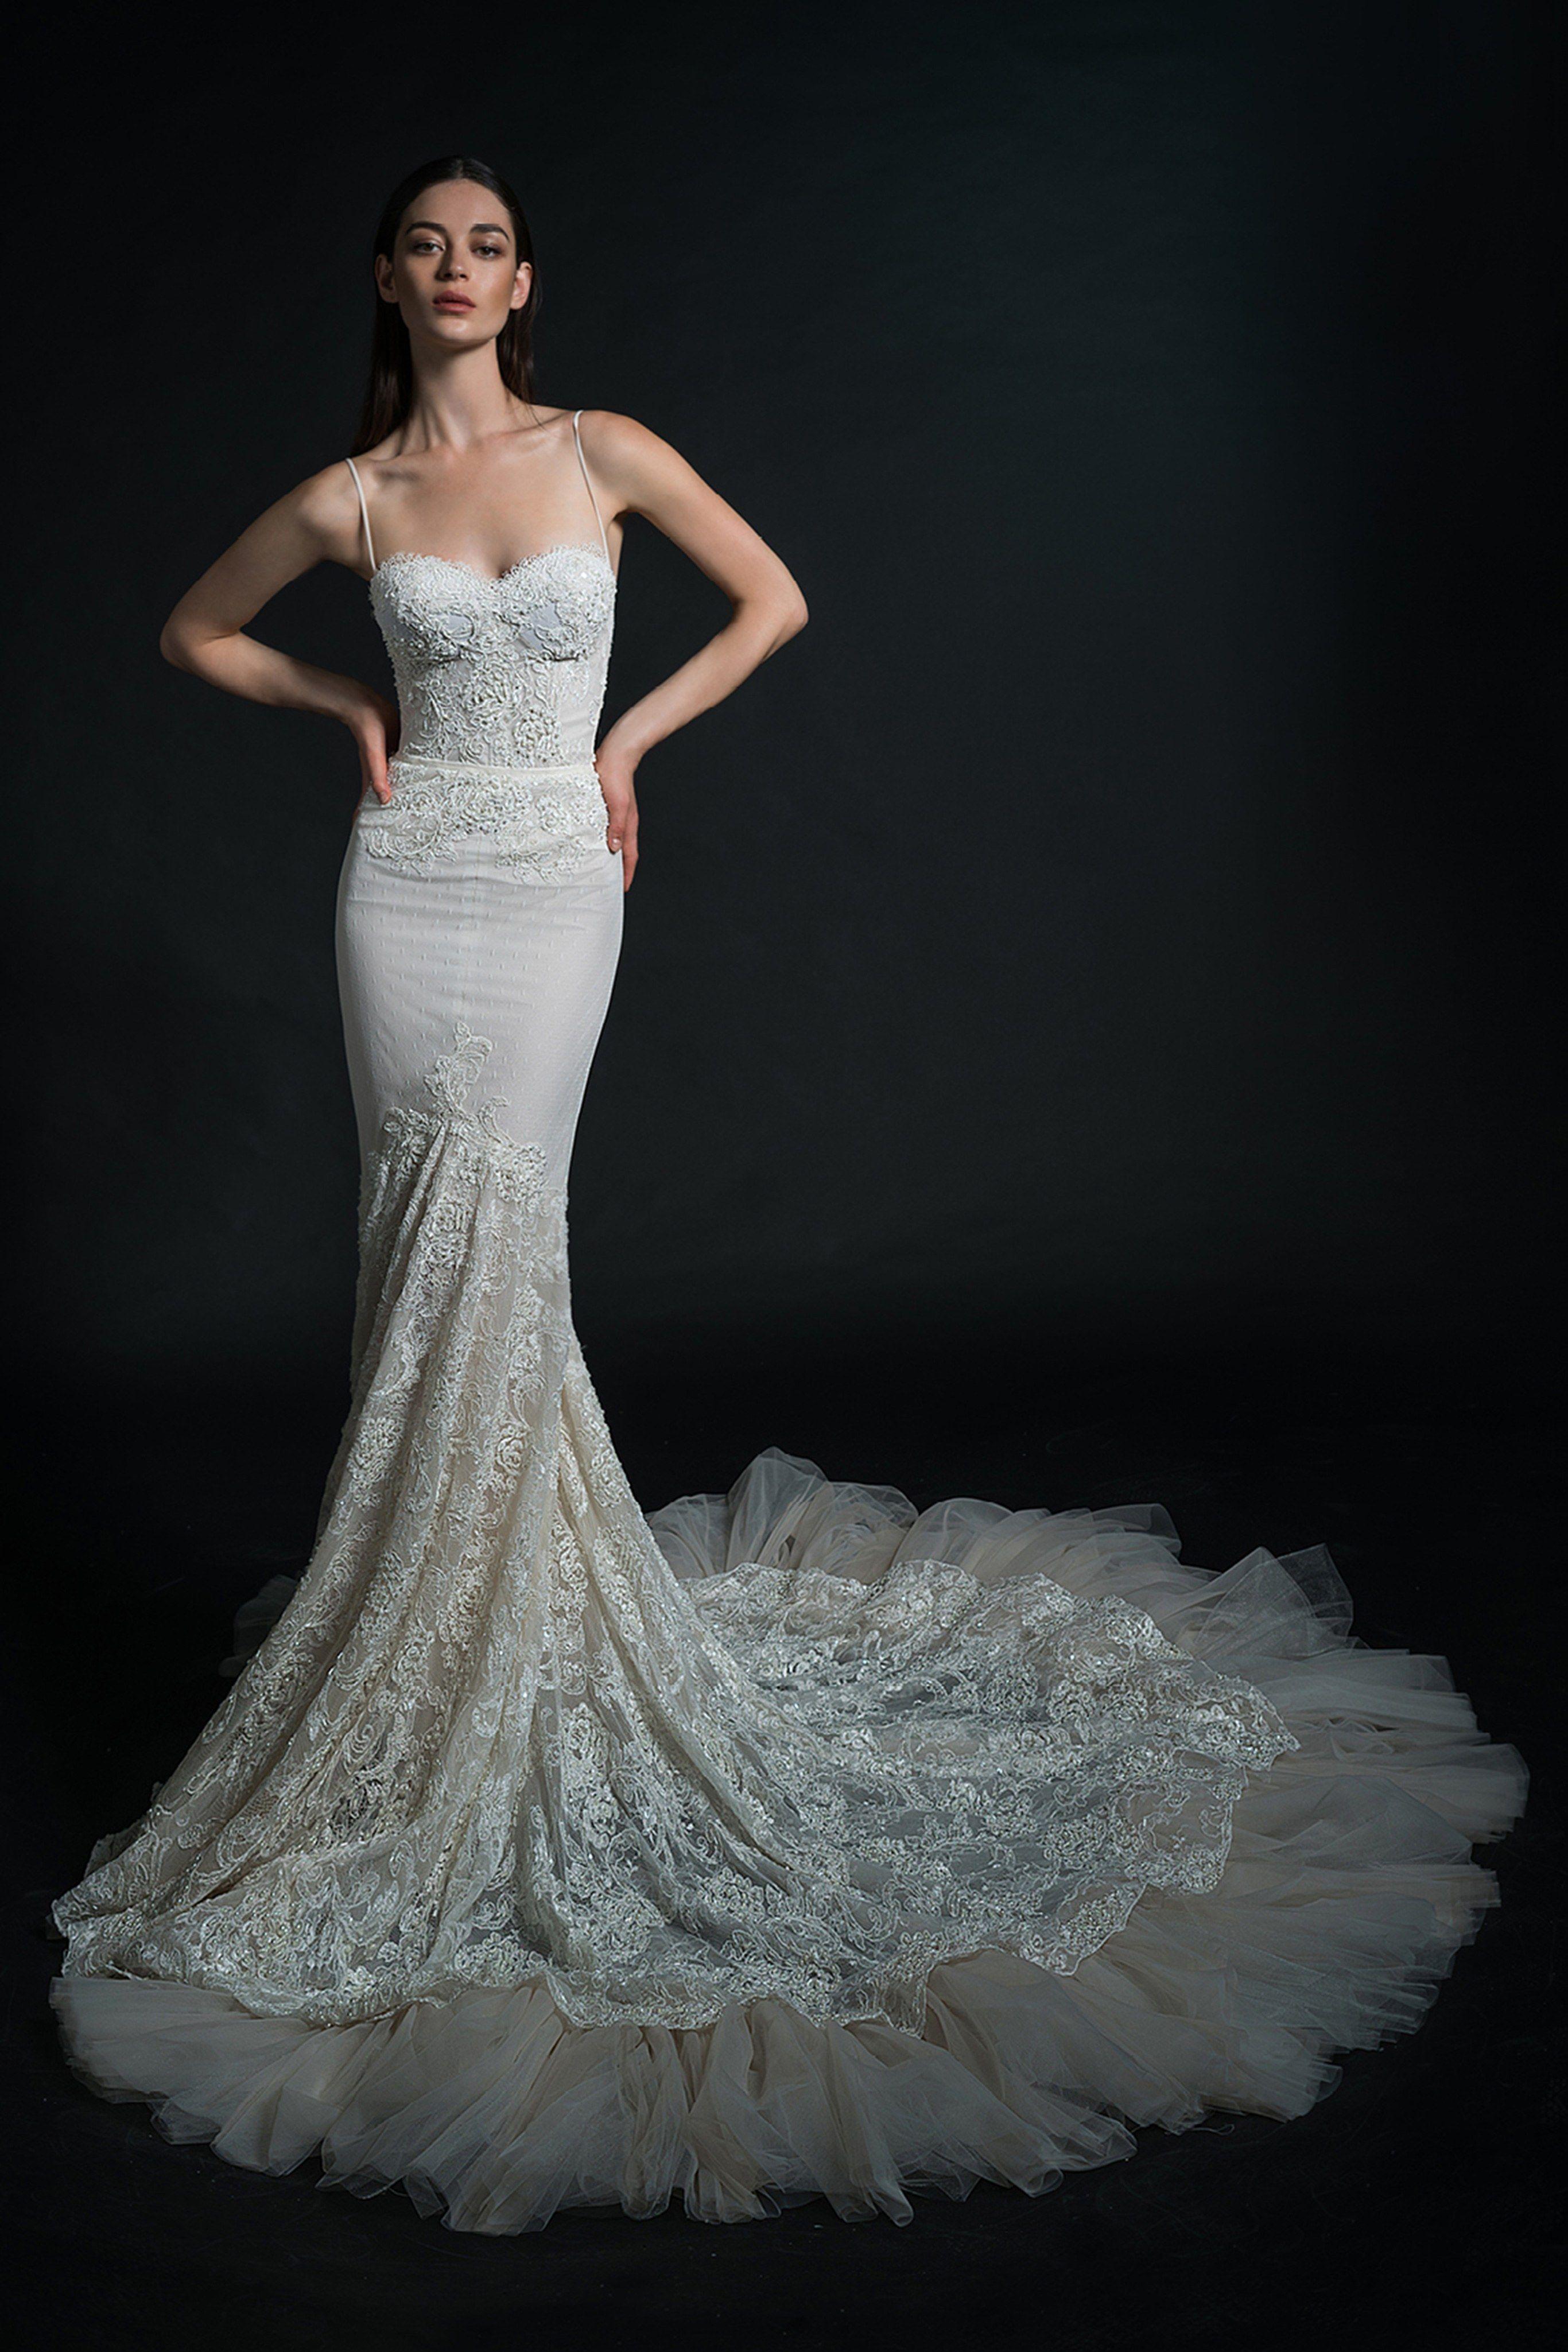 Inbal Dror Bridal Spring 2019 Fashion Show Bridal Spring 2019 In 2019 Bridal Wedding Dresses Wedding Dresses Bridal Gowns